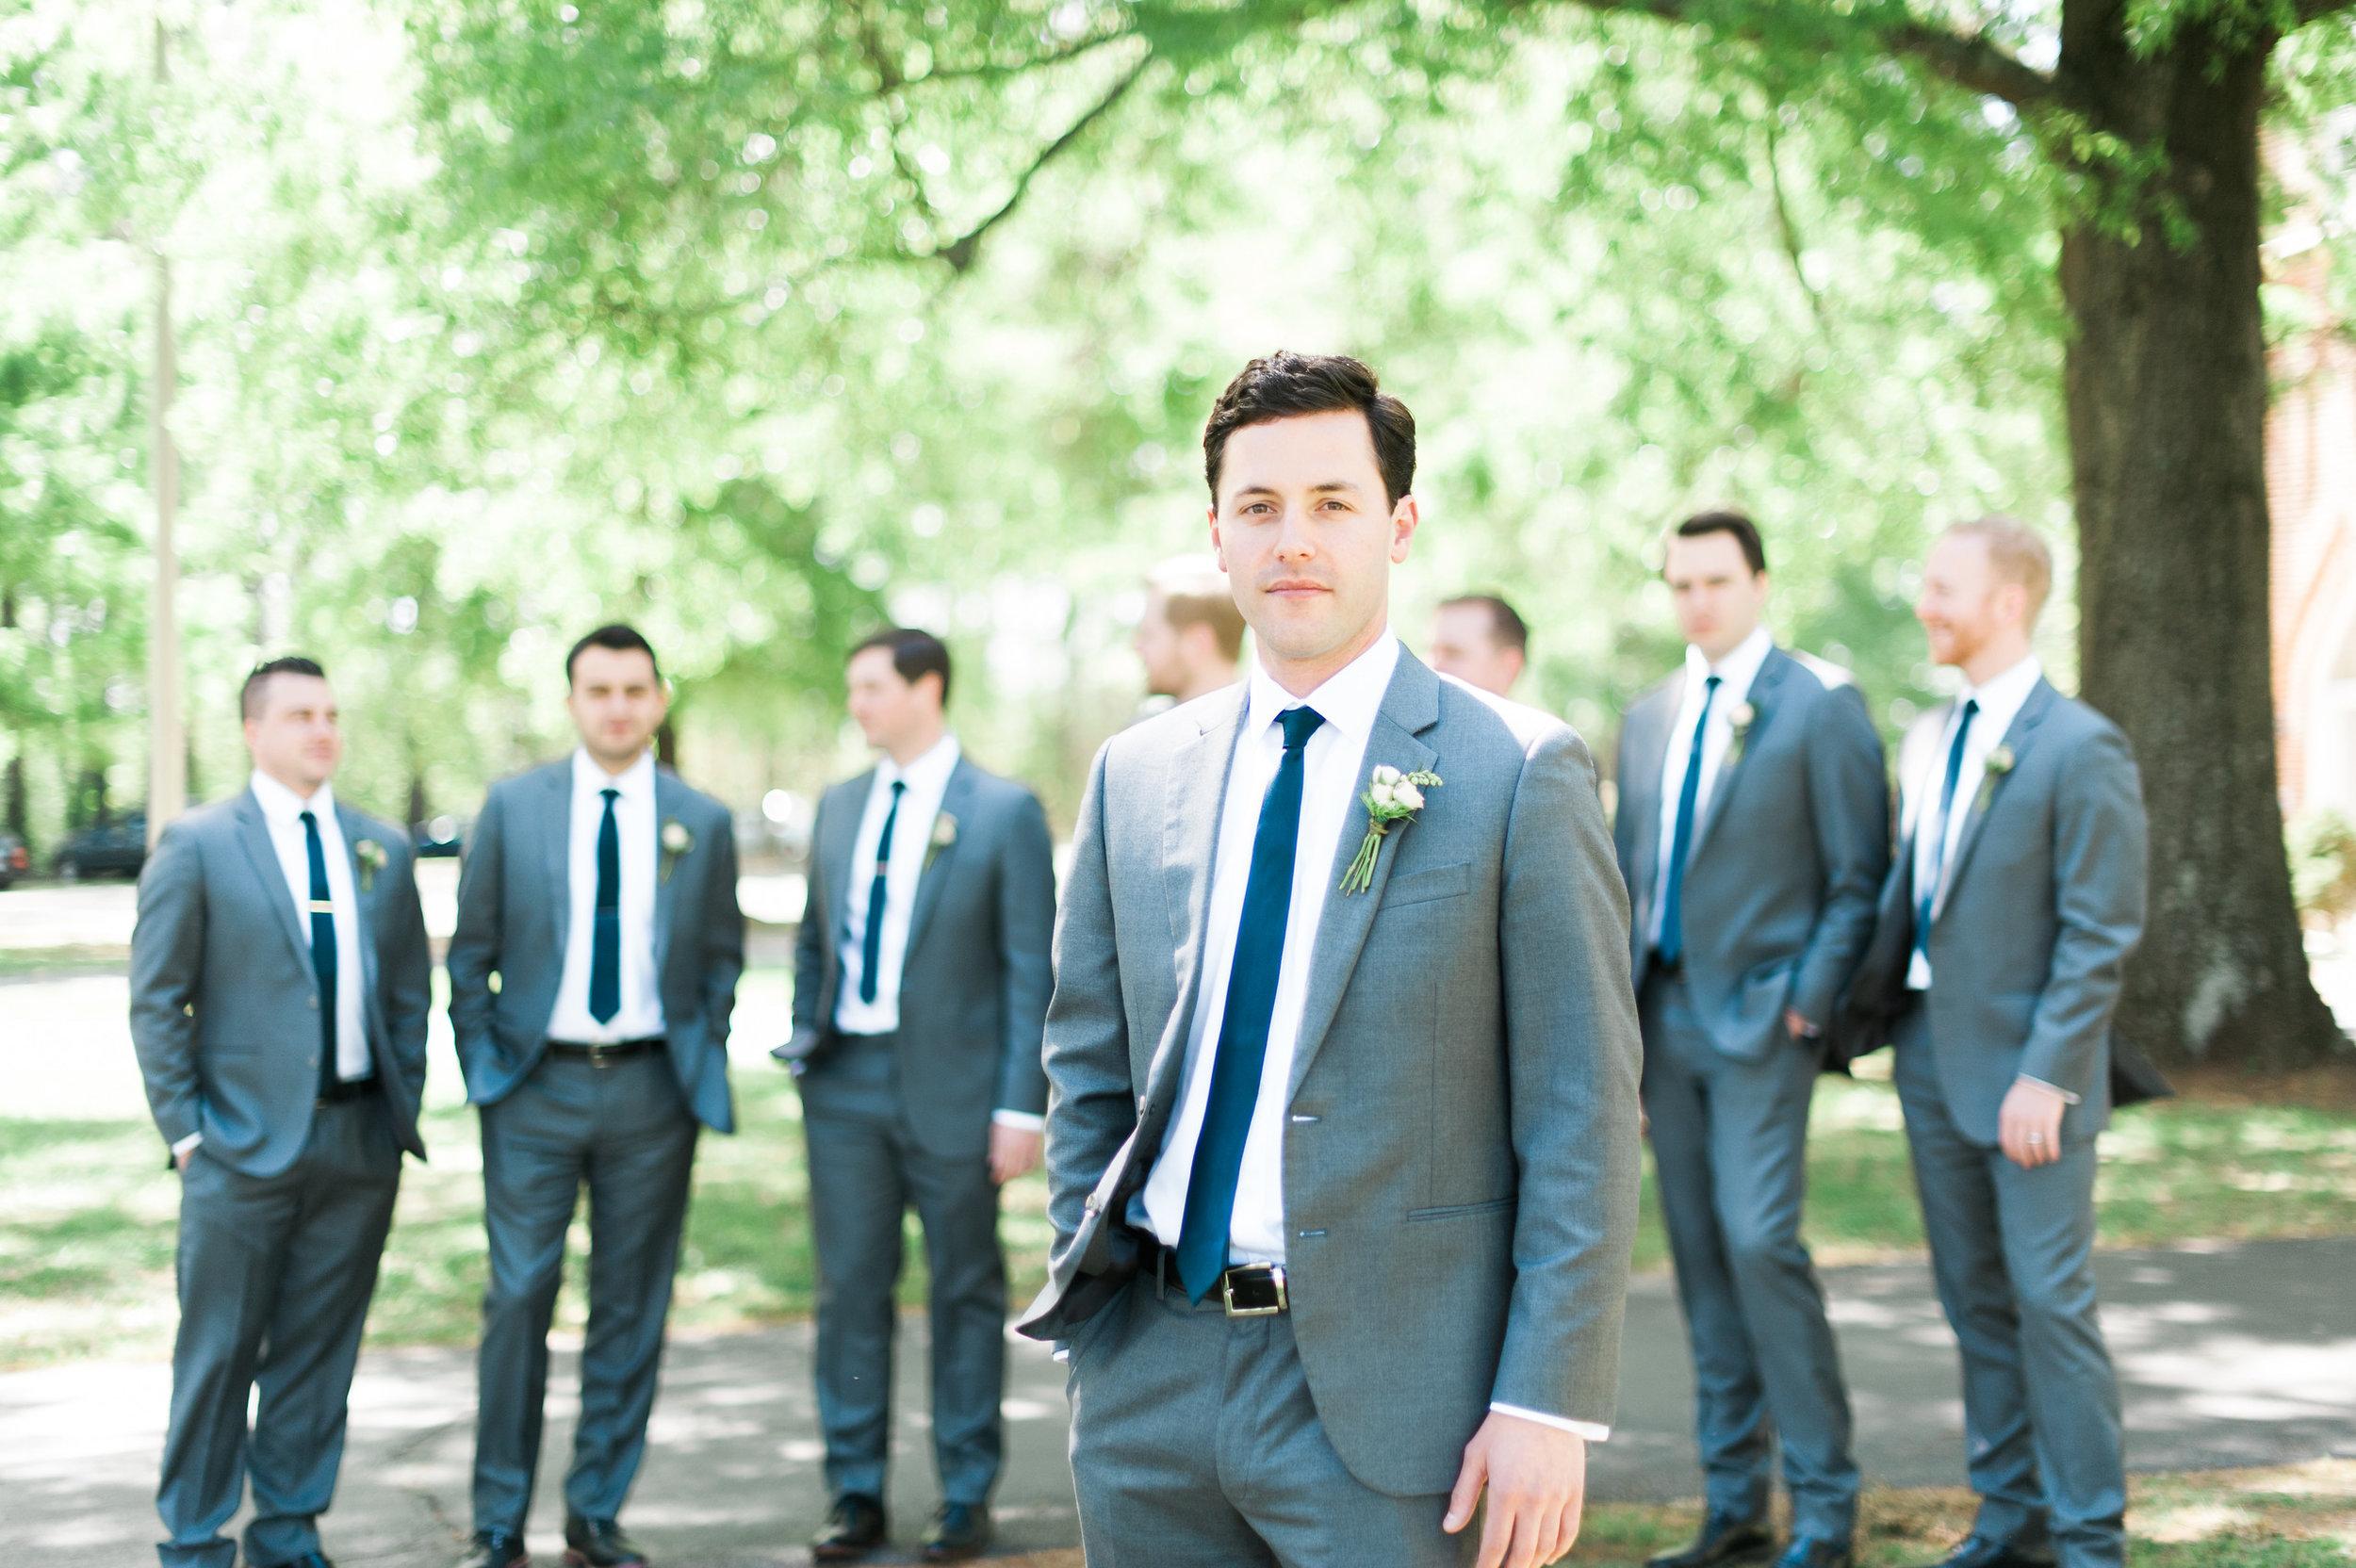 ernst-wedding-032-X5.jpg